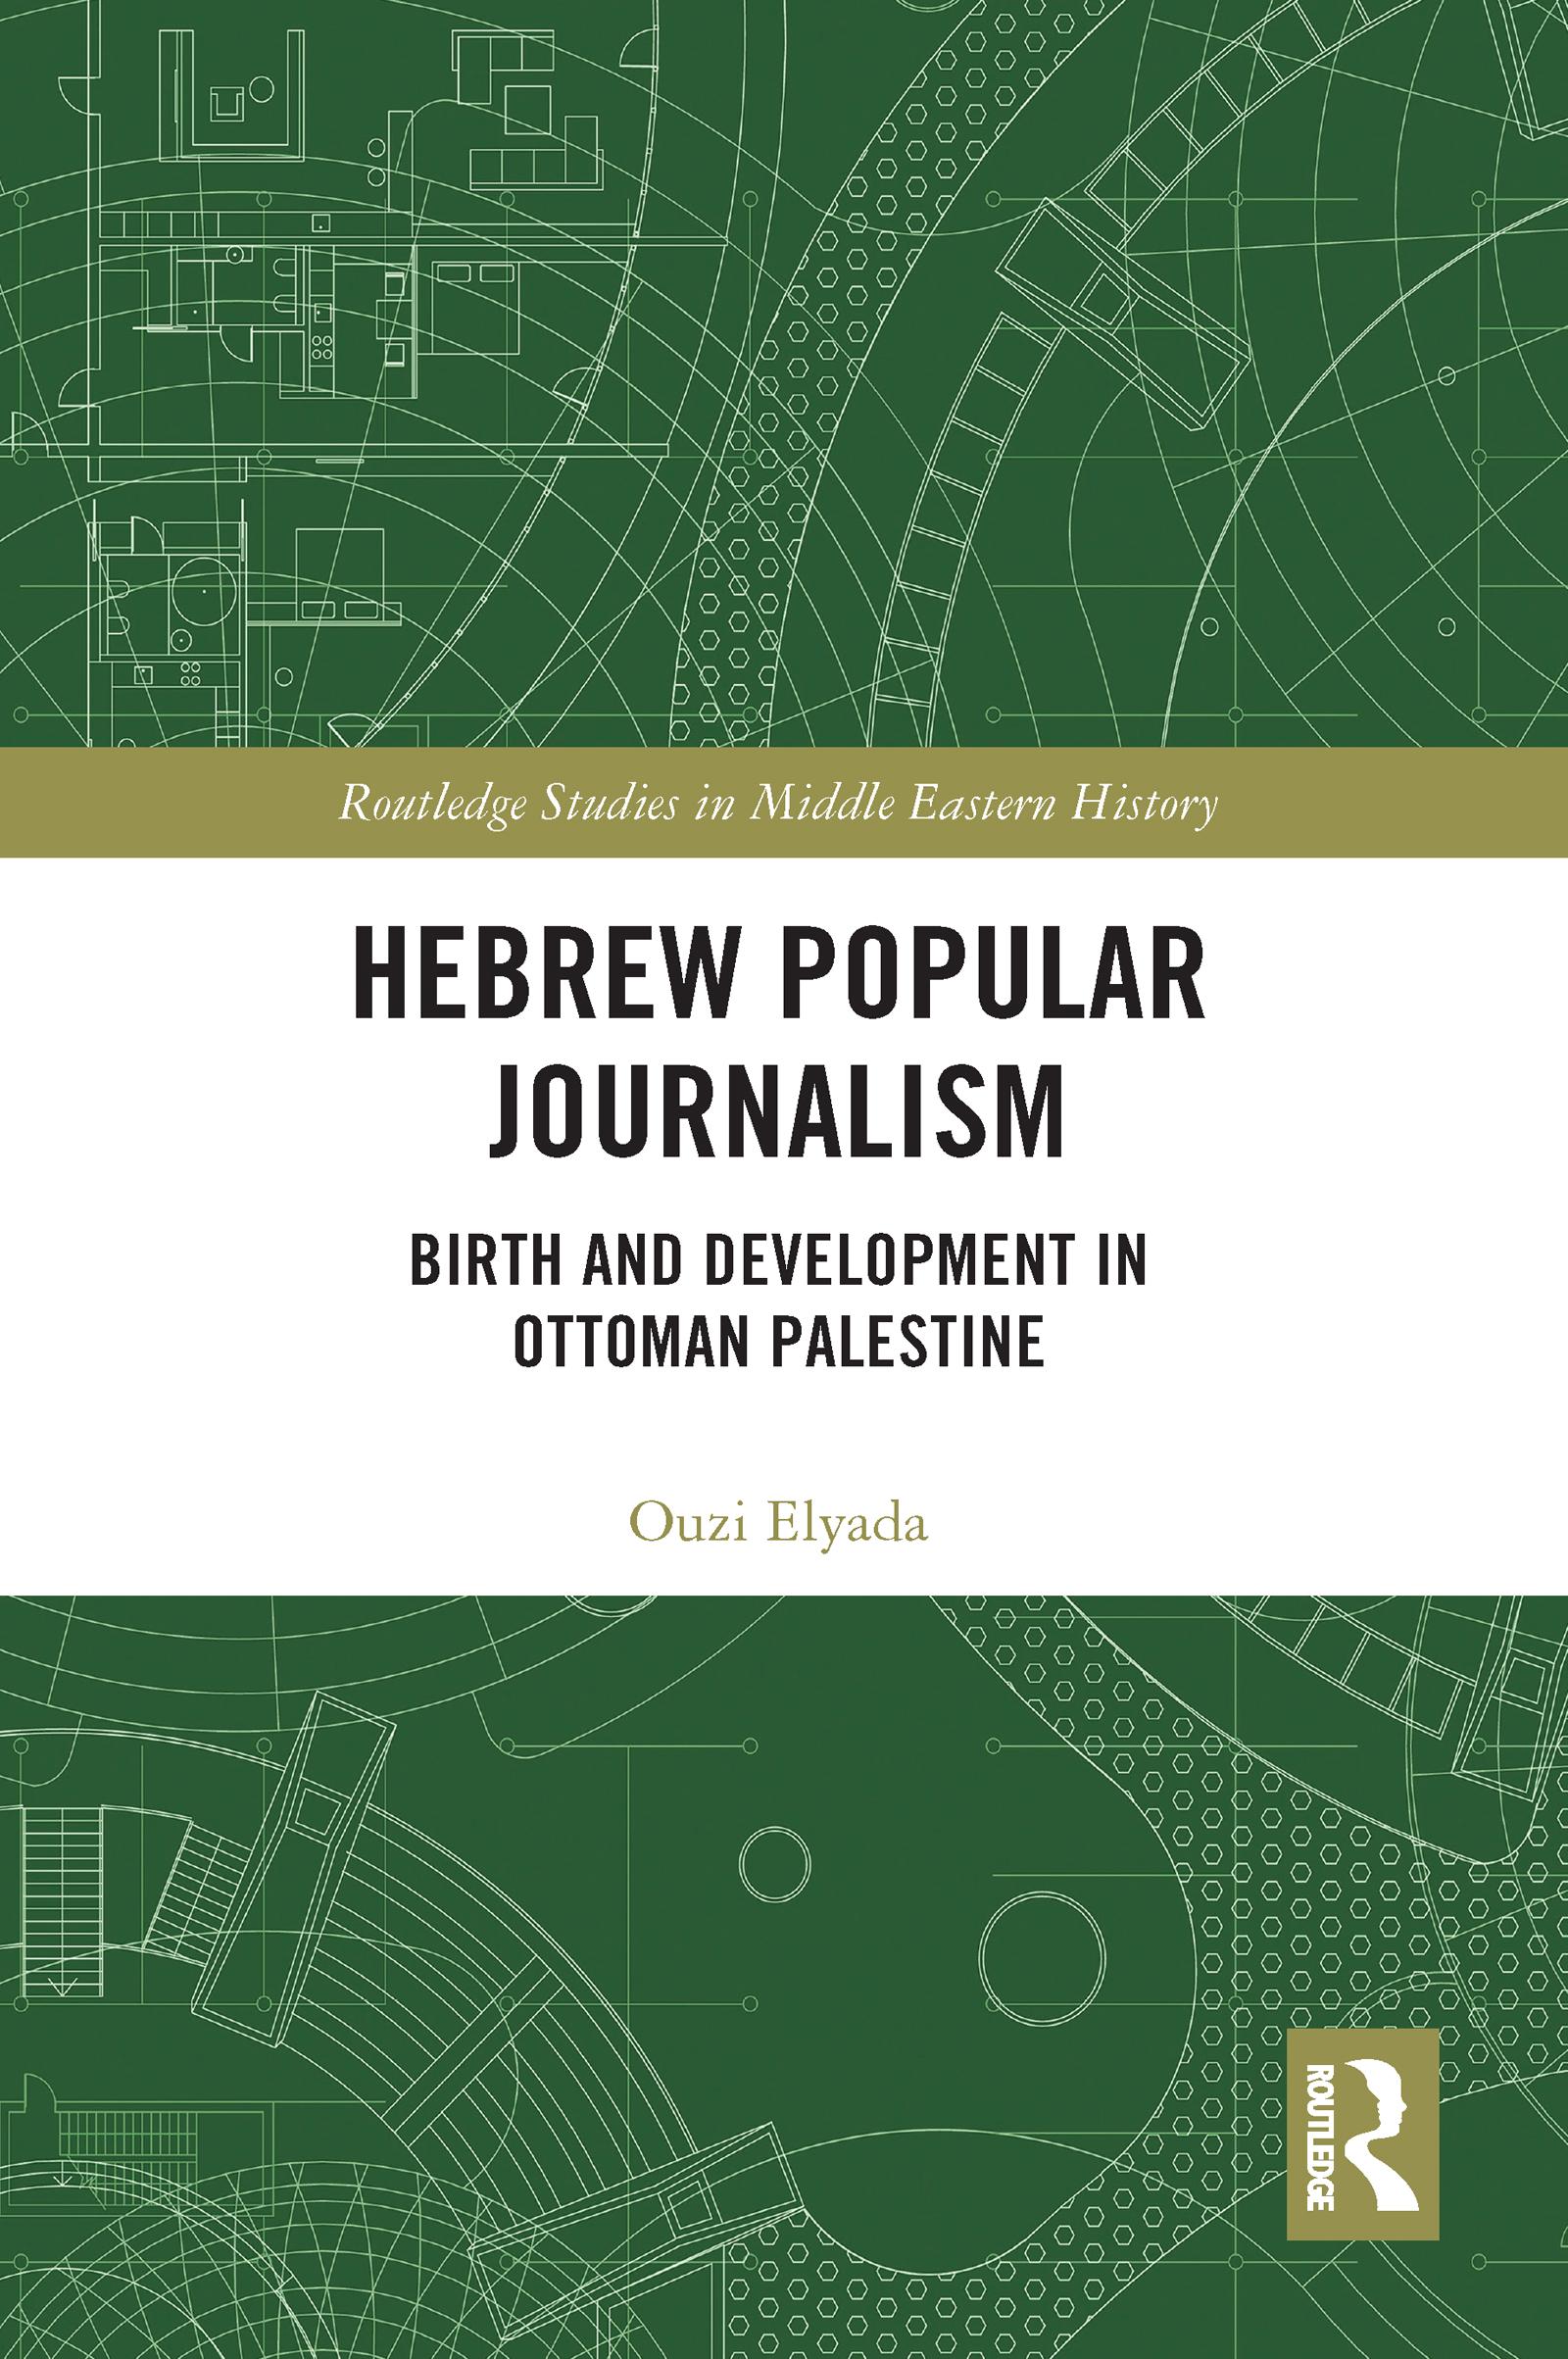 Hebrew Popular Journalism